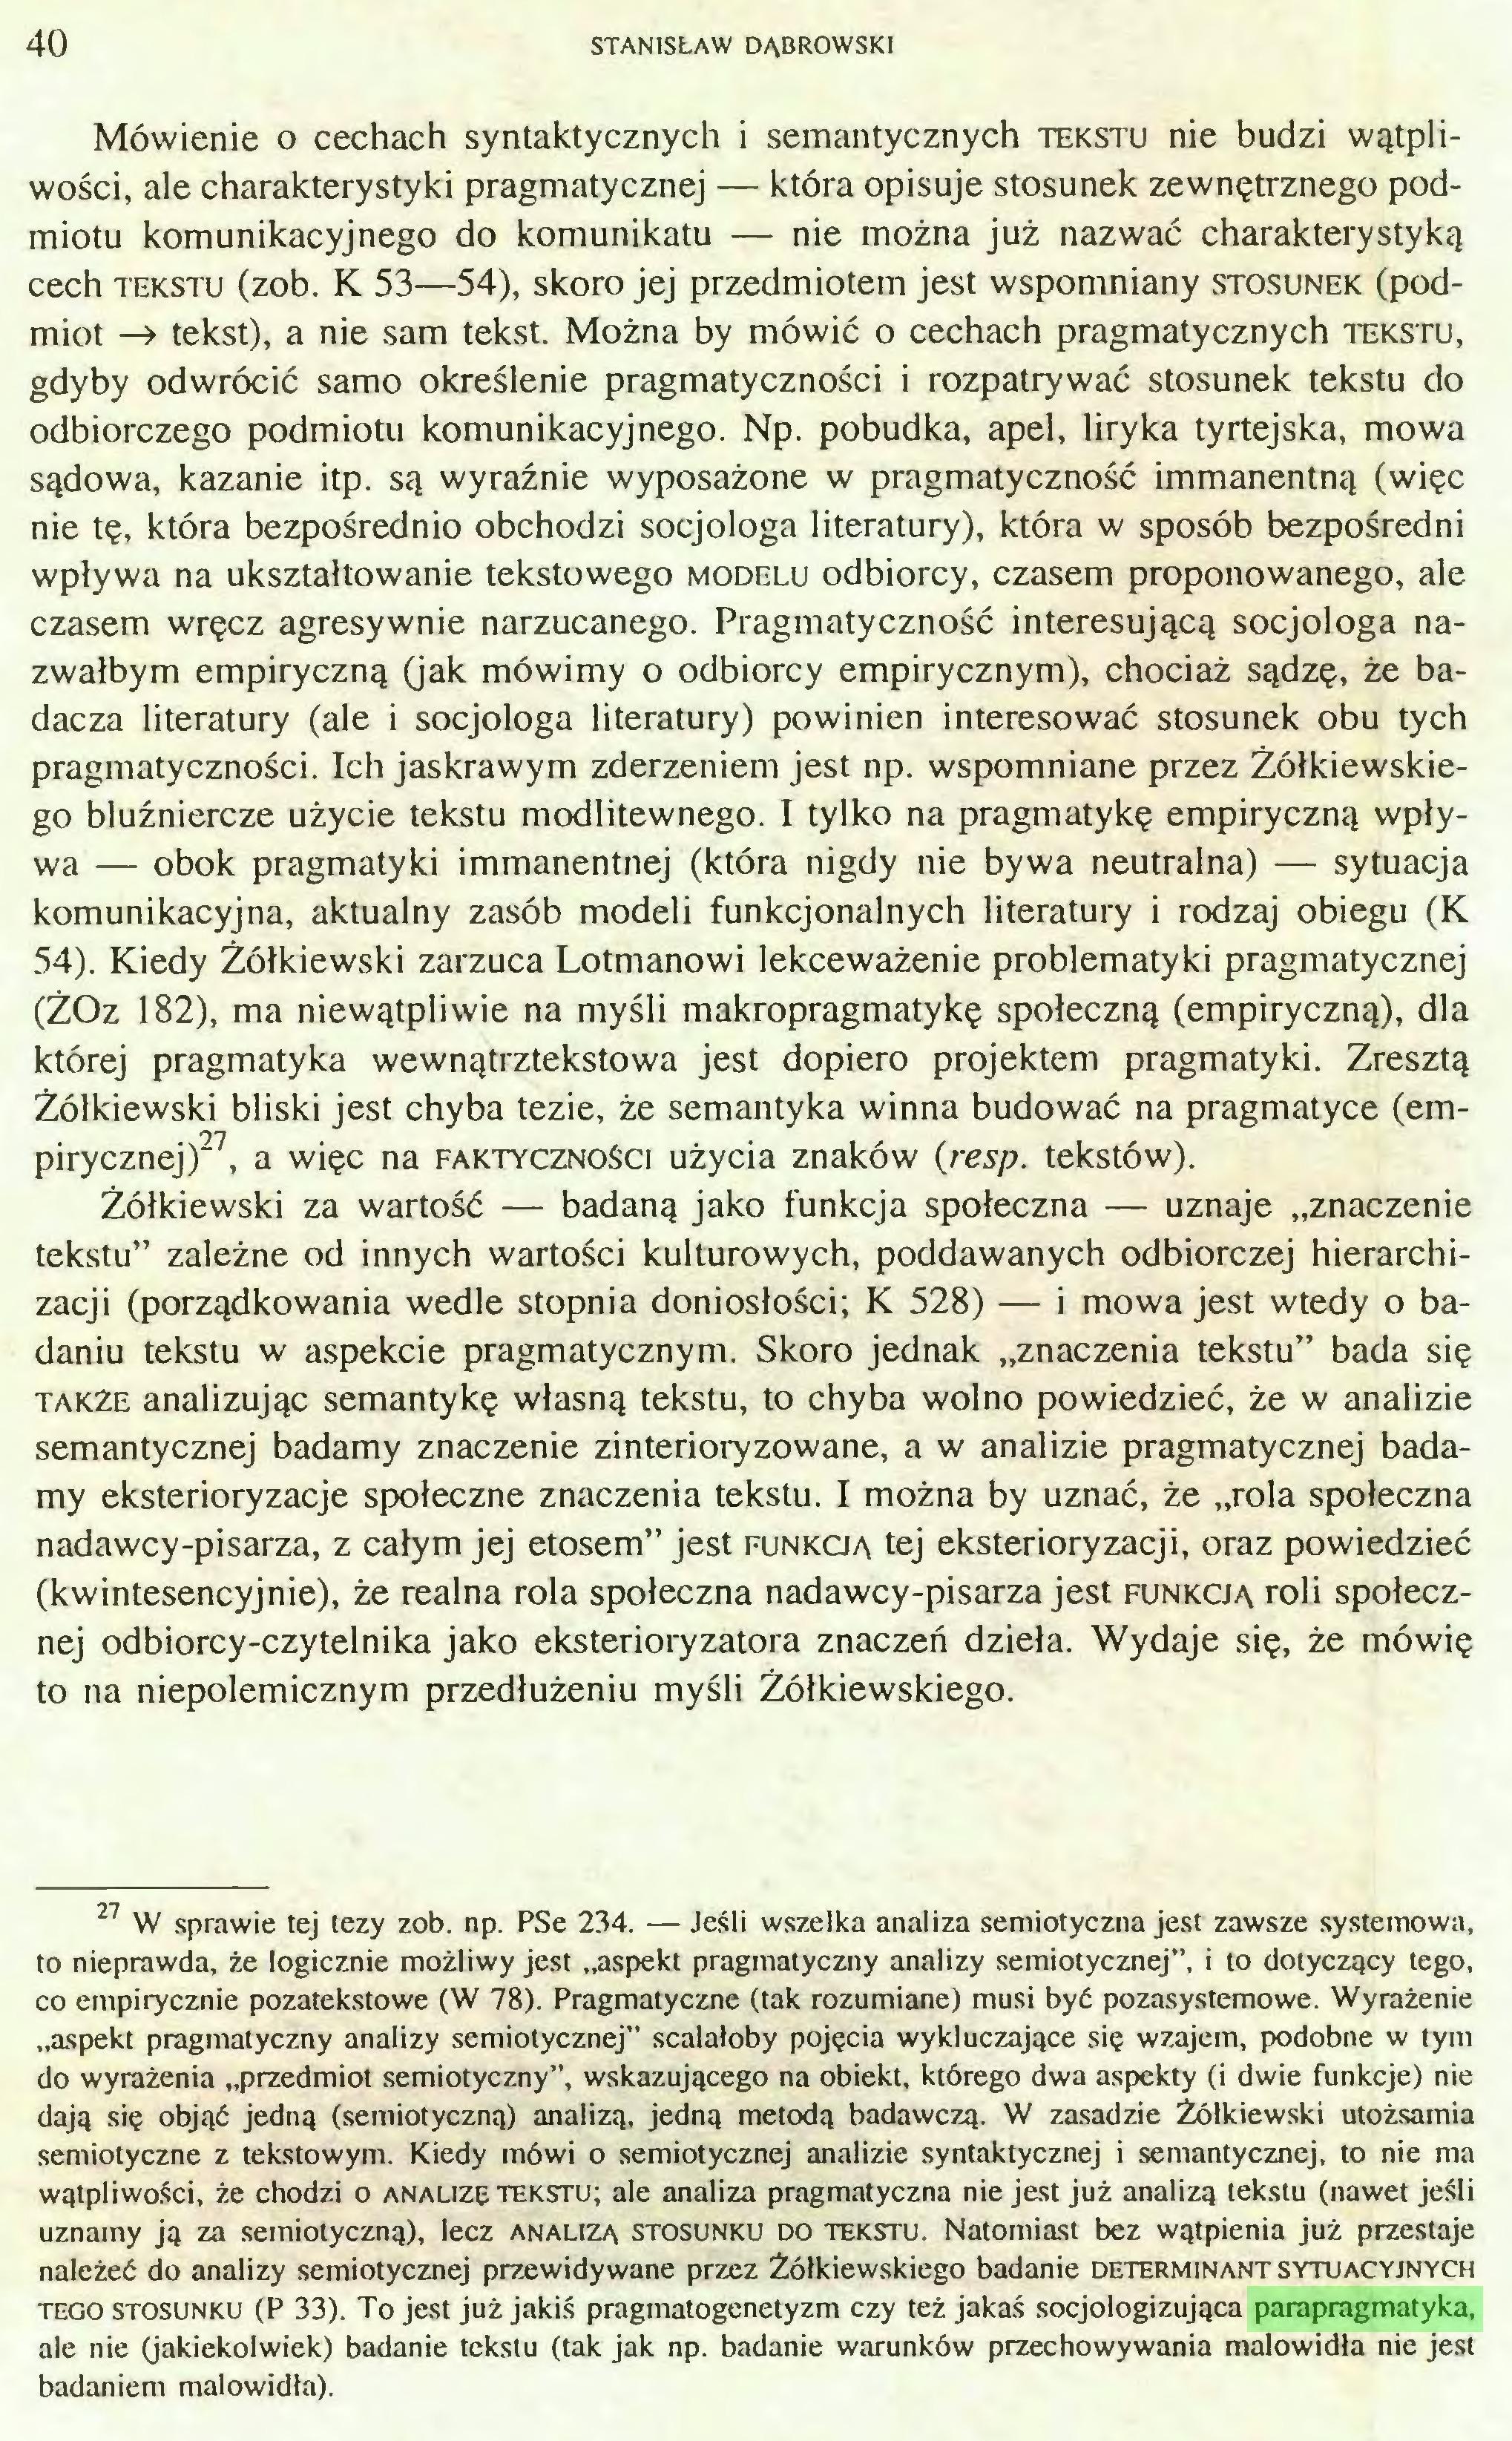 (...) semiotyczne z tekstowym. Kiedy mówi o semiotycznej analizie syntaktycznej i semantycznej, to nie ma wątpliwości, że chodzi o analizę tekstu; ale analiza pragmatyczna nie jest już analizą tekstu (nawet jeśli uznamy ją za semiotyczną), lecz analizą stosunku do tekstu. Natomiast bez wątpienia już przestaje należeć do analizy semiotycznej przewidywane przez Żółkiewskiego badanie determinant sytuacyjnych tego stosunku (P 33). To jest już jakiś pragmatogenetyzm czy też jakaś socjologizująca parapragmatyka, ale nie (jakiekolwiek) badanie tekstu (tak jak np. badanie warunków przechowywania malowidła nie jest badaniem malowidła). Z ZAGADNIEŃ METODOLOGICZNYCH SEMIOTYKI KULTURY 41...